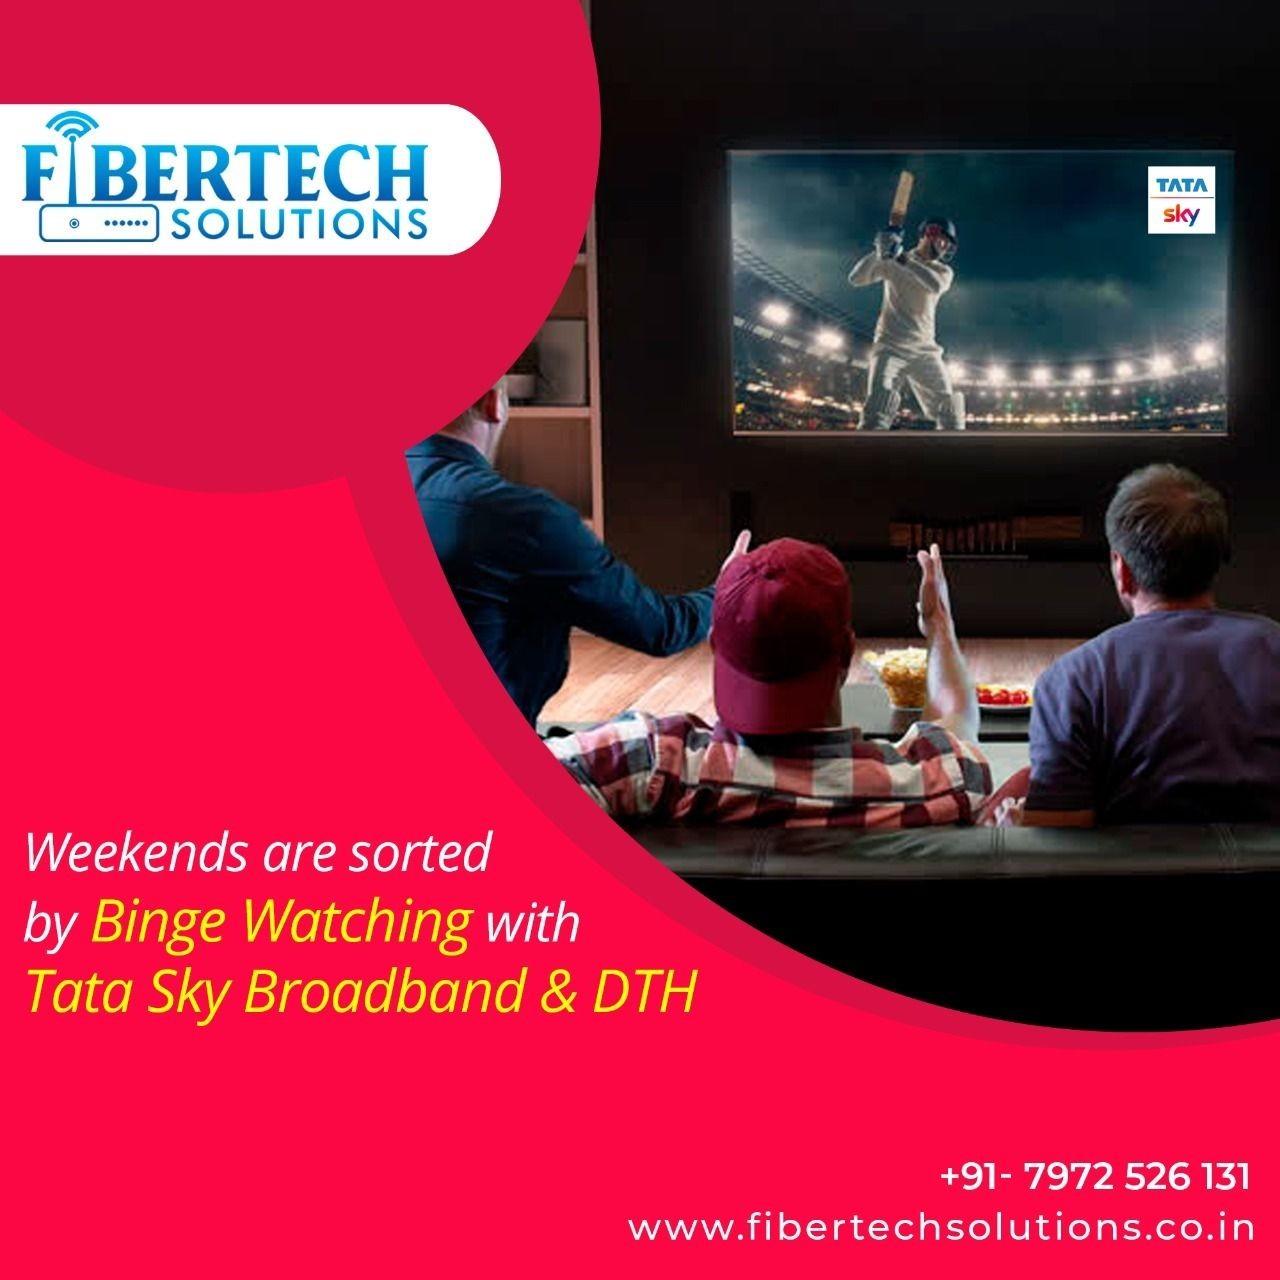 fibertech solutions